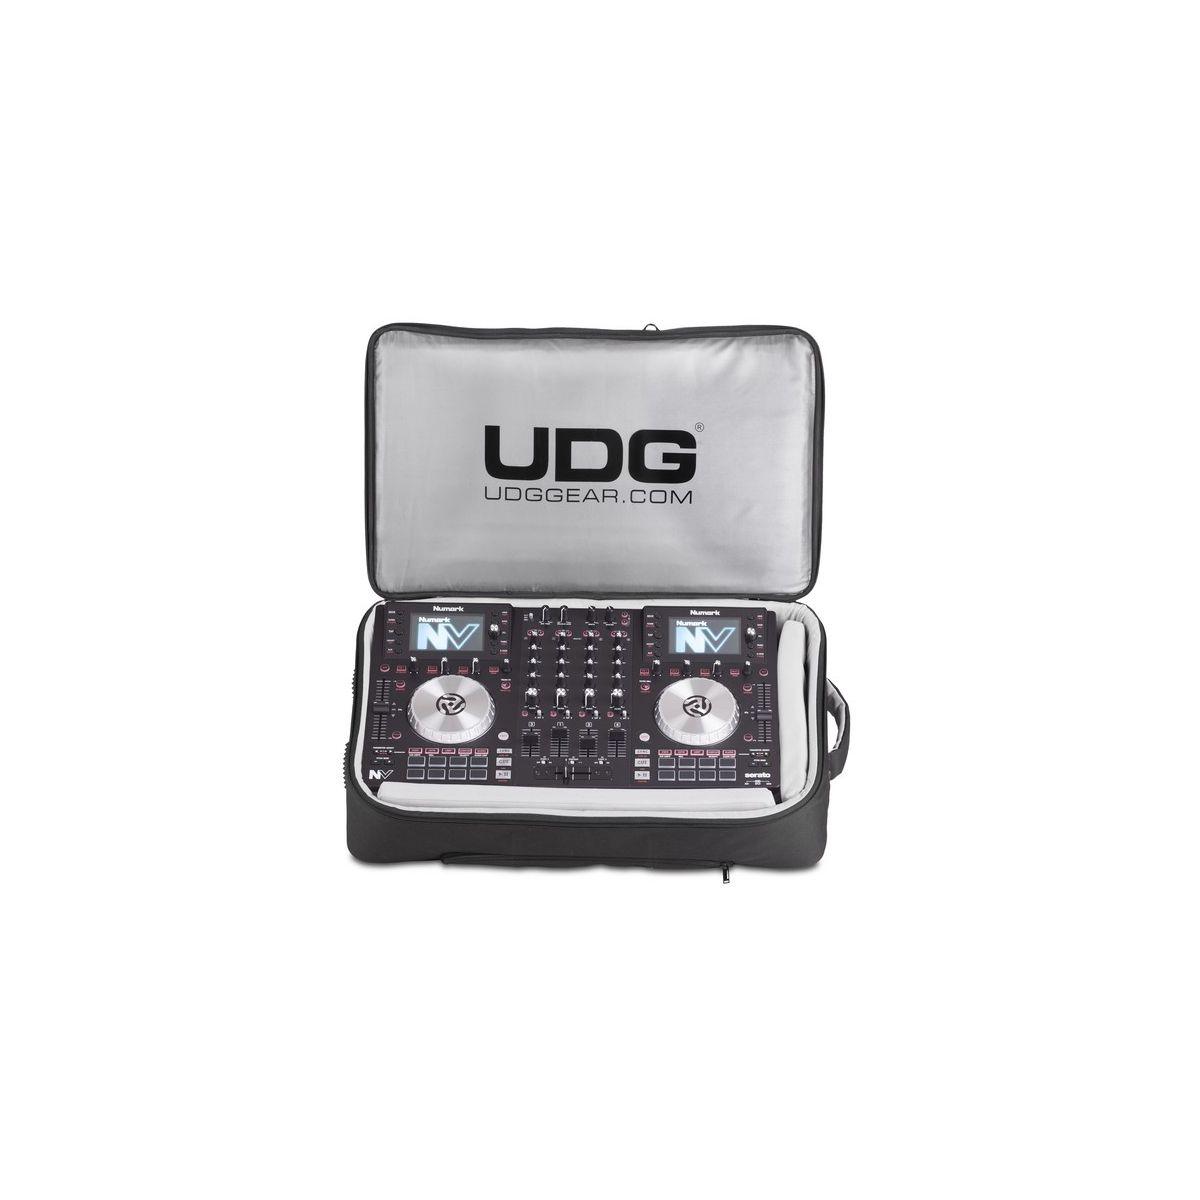 Housses de transport contrôleurs DJ - UDG - U7201BL